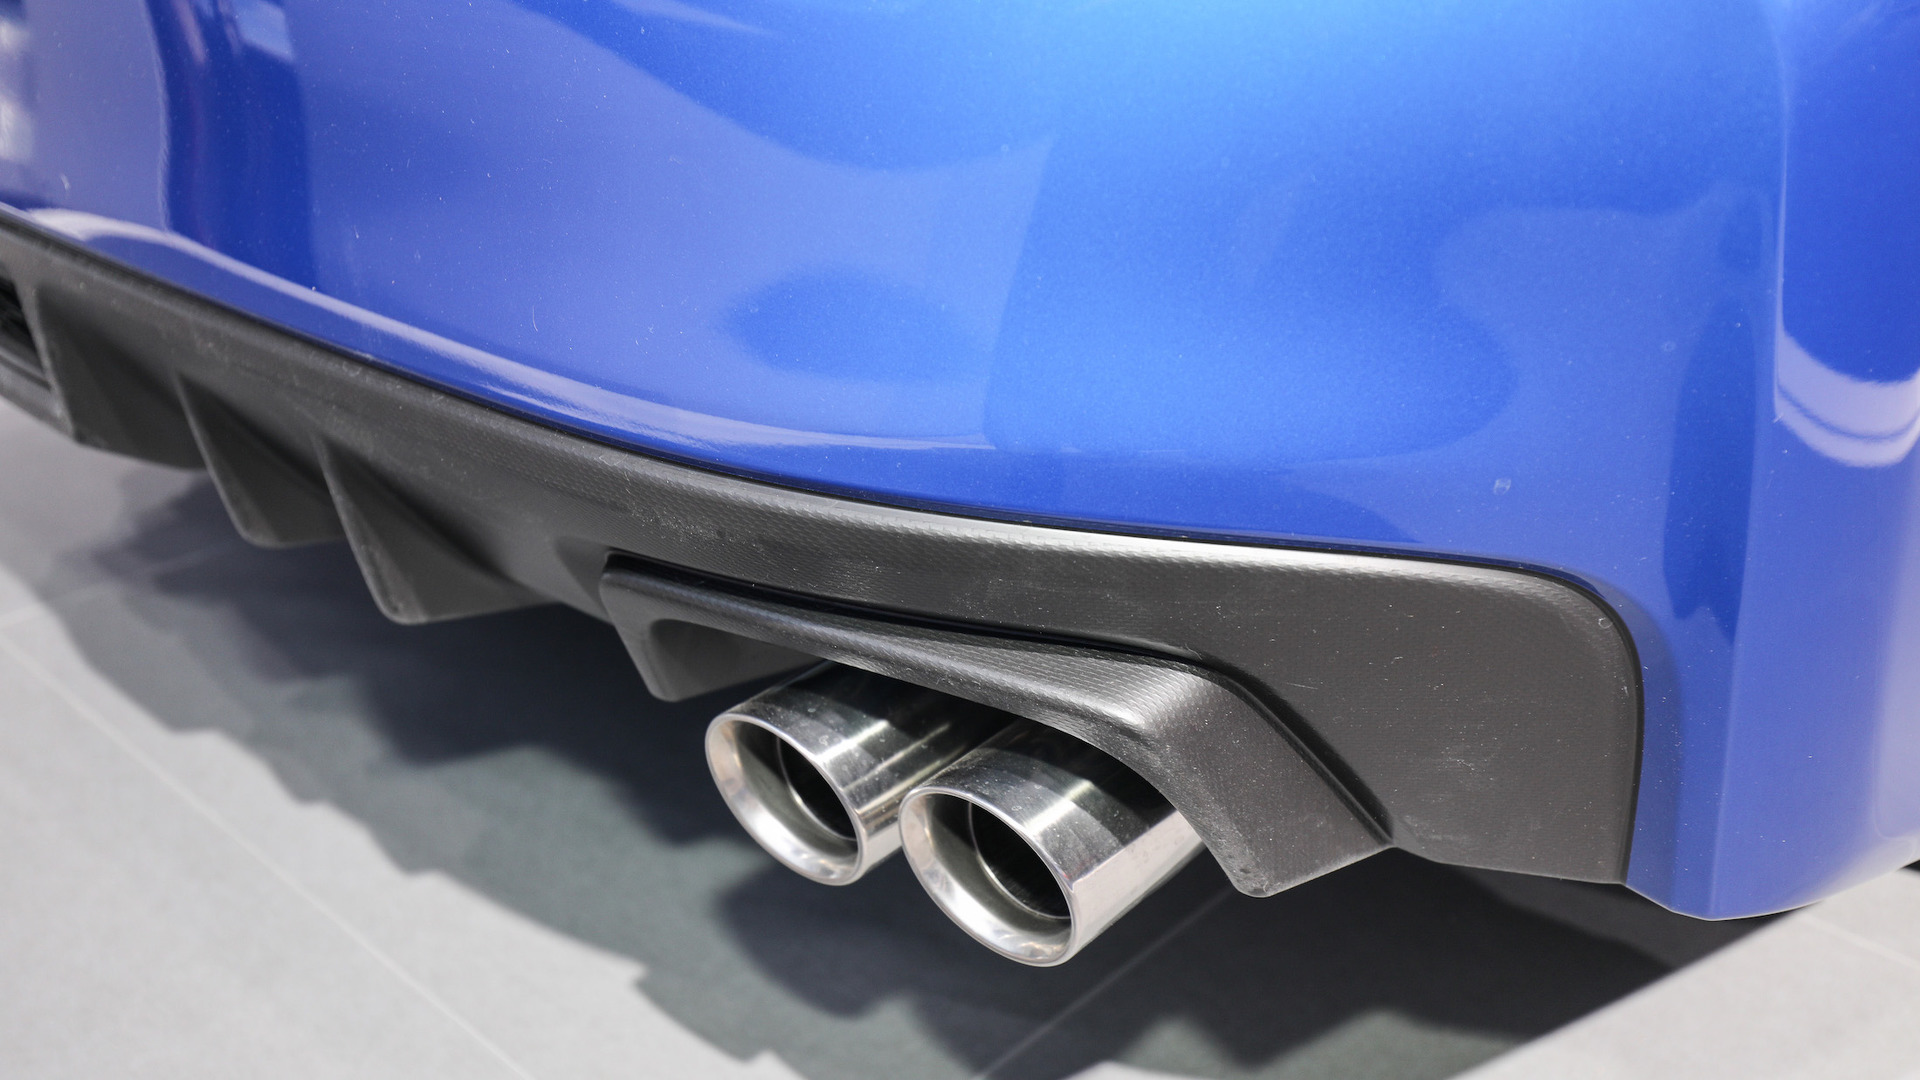 2018 subaru electric. Plain Electric On 2018 Subaru Electric 0